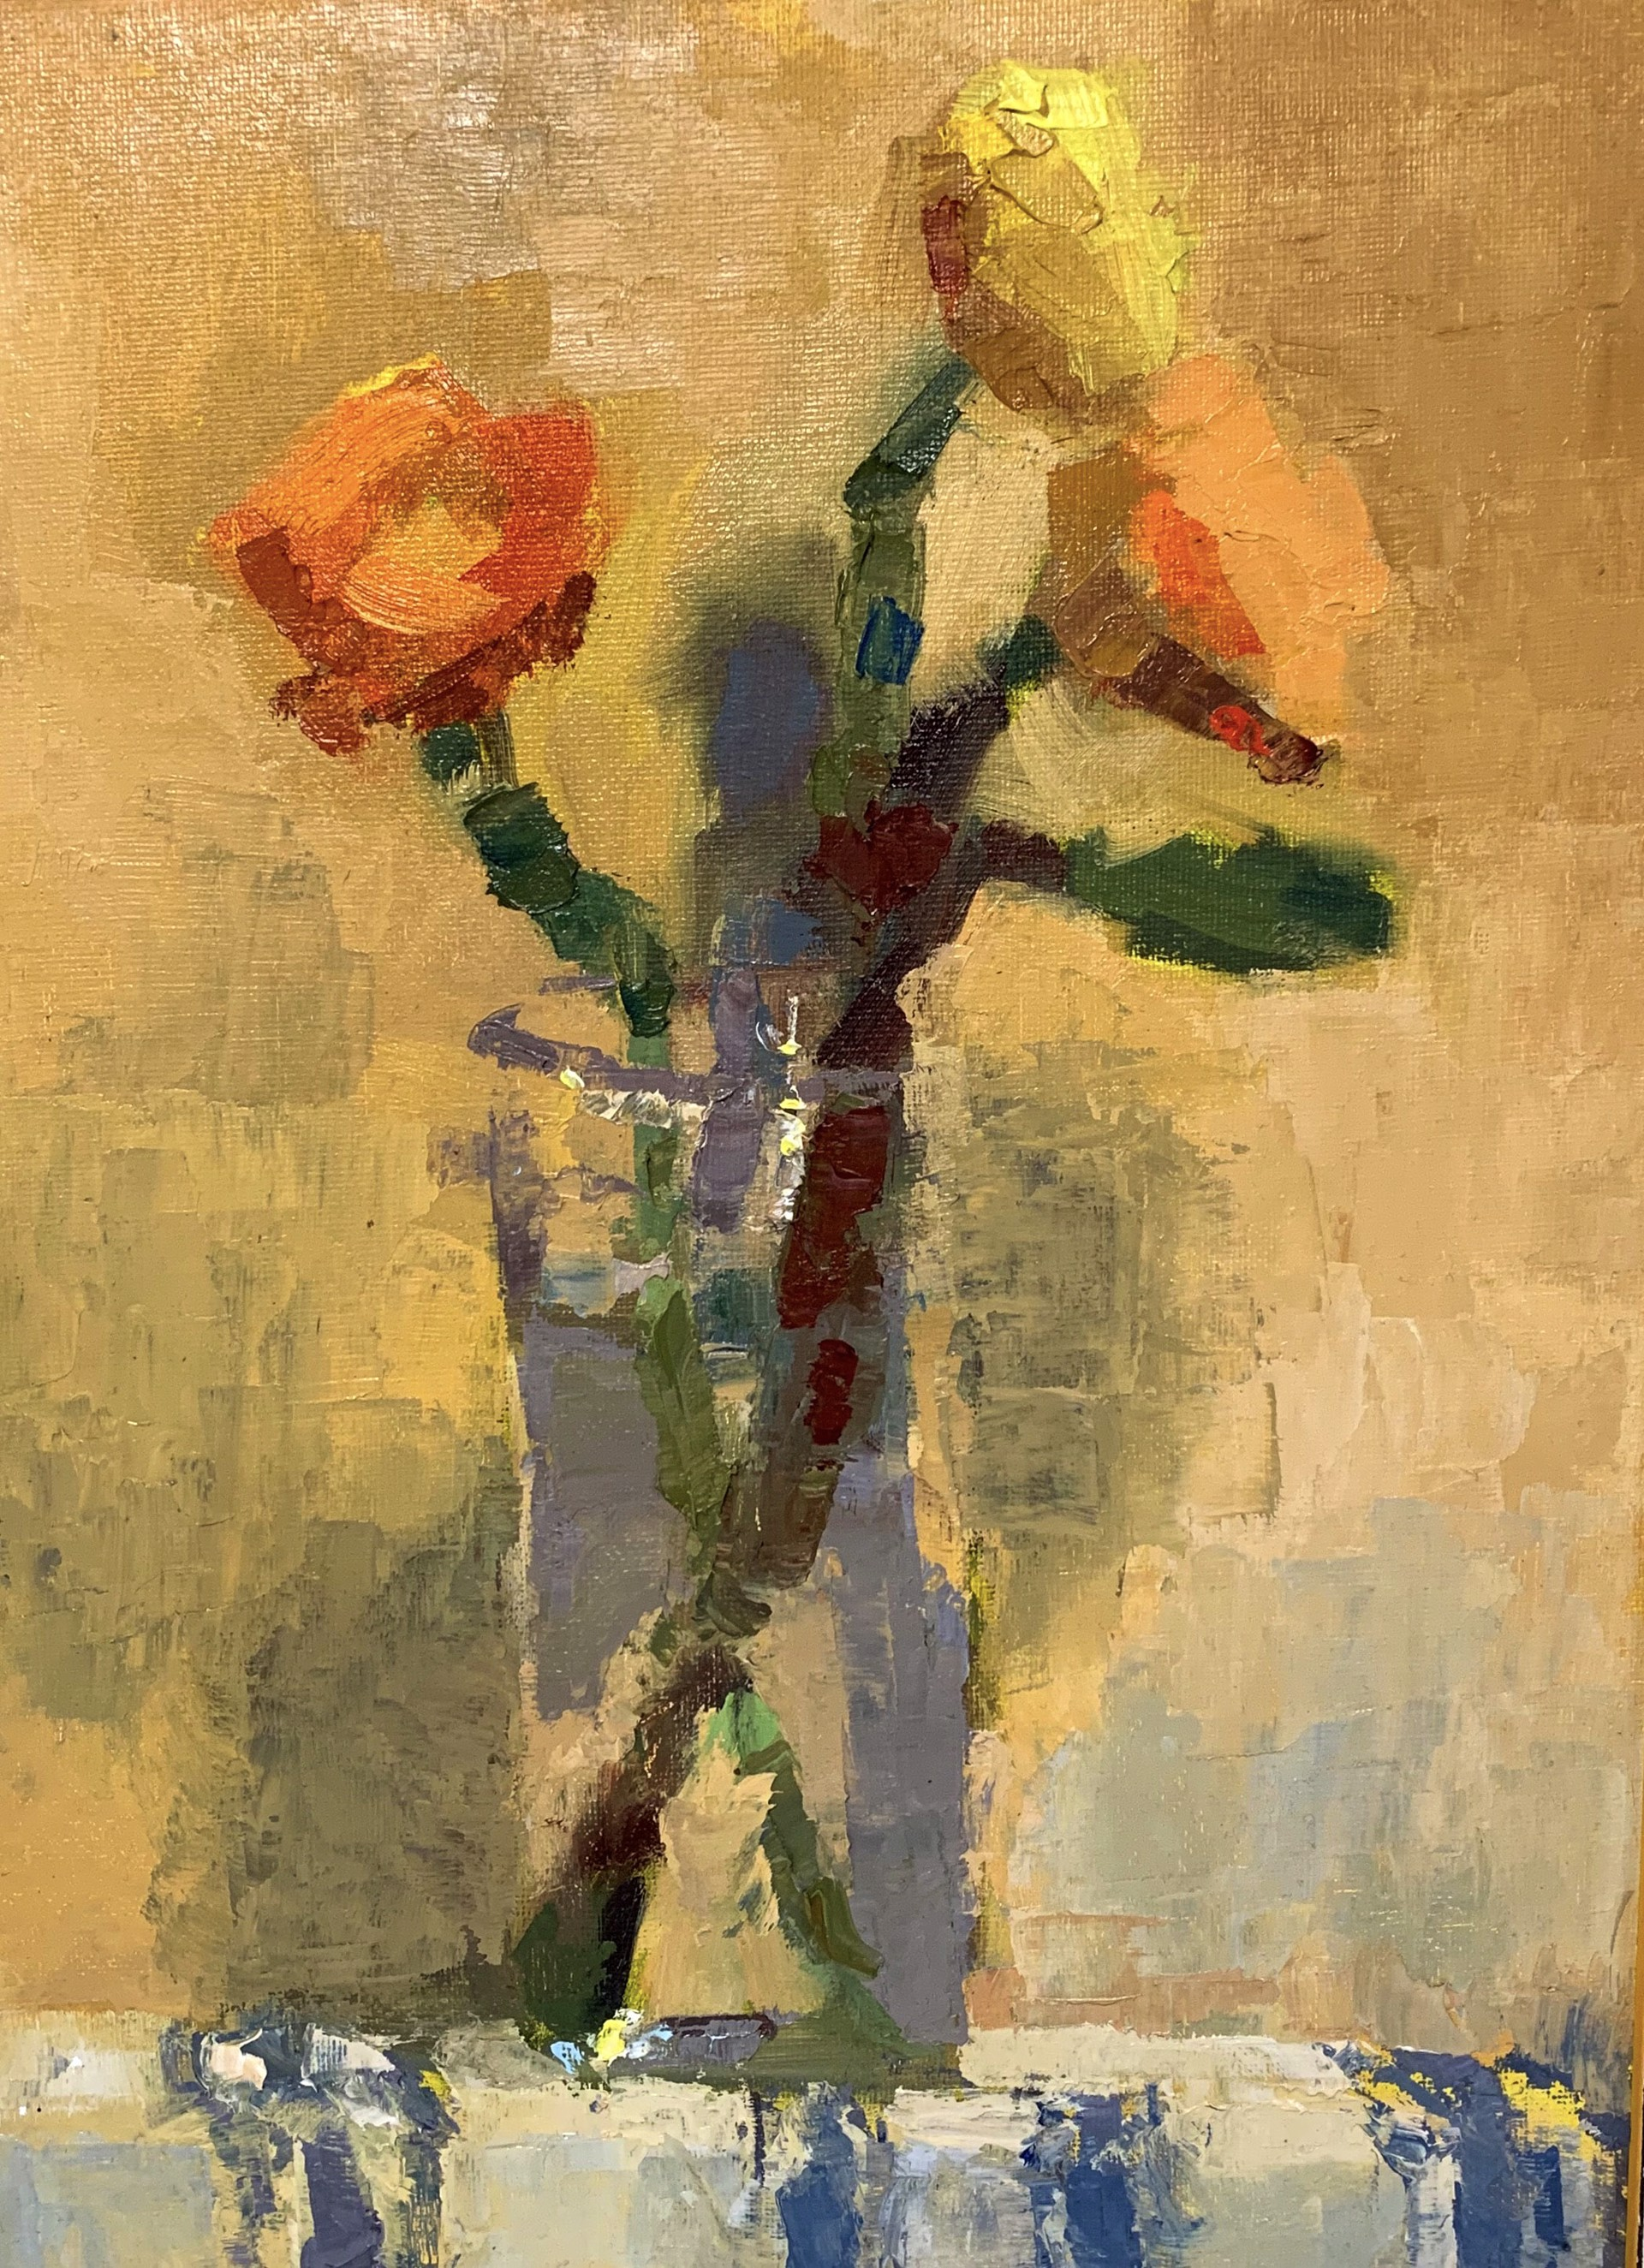 Orange and Yellow Ranunculus  by Laura Murphey